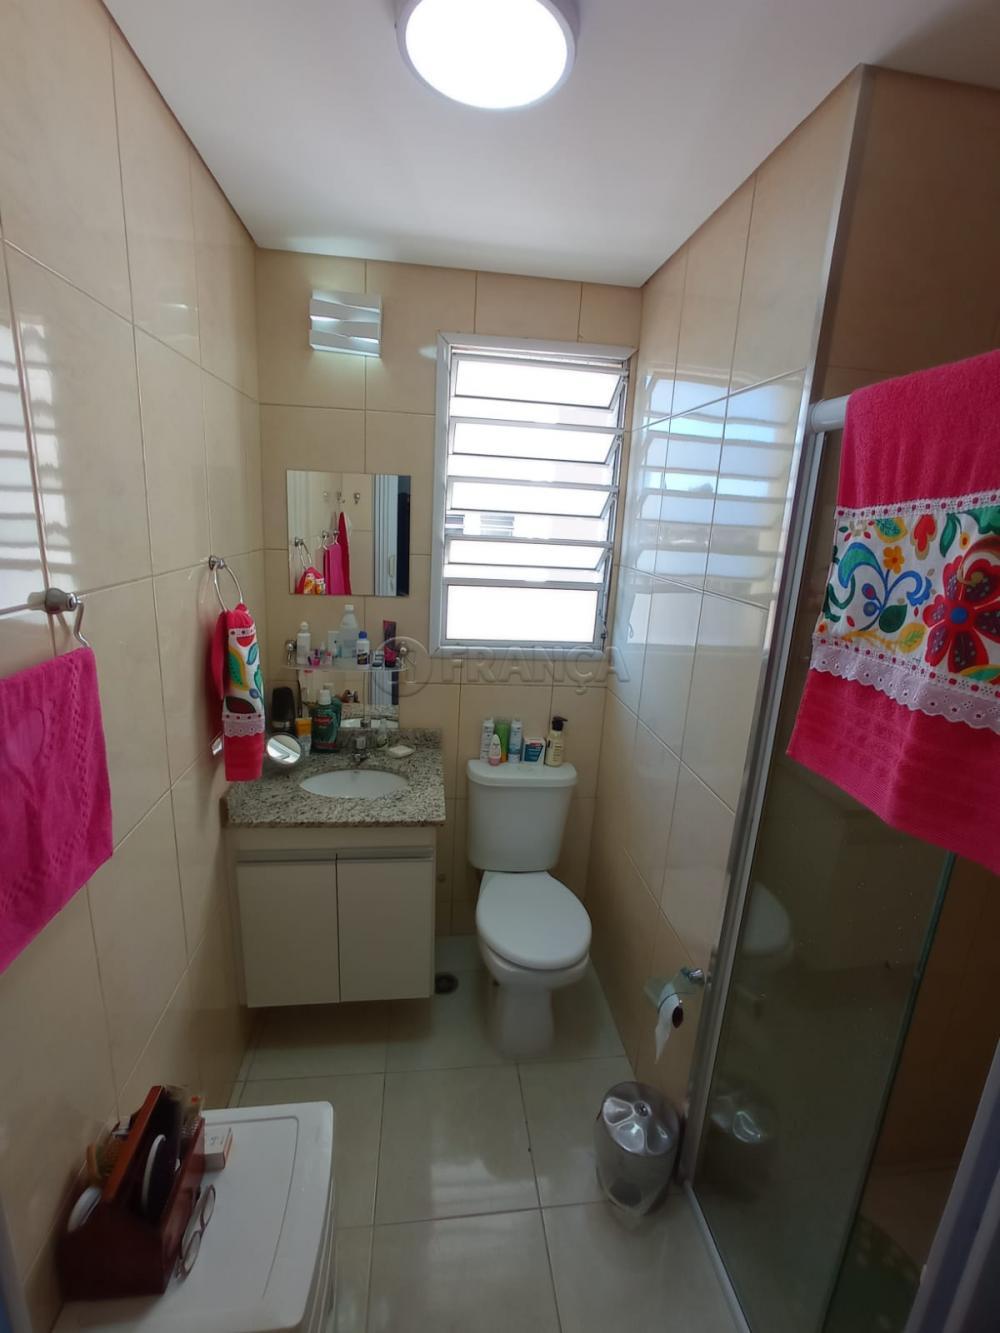 Alugar Apartamento / Padrão em Jacareí R$ 1.200,00 - Foto 12